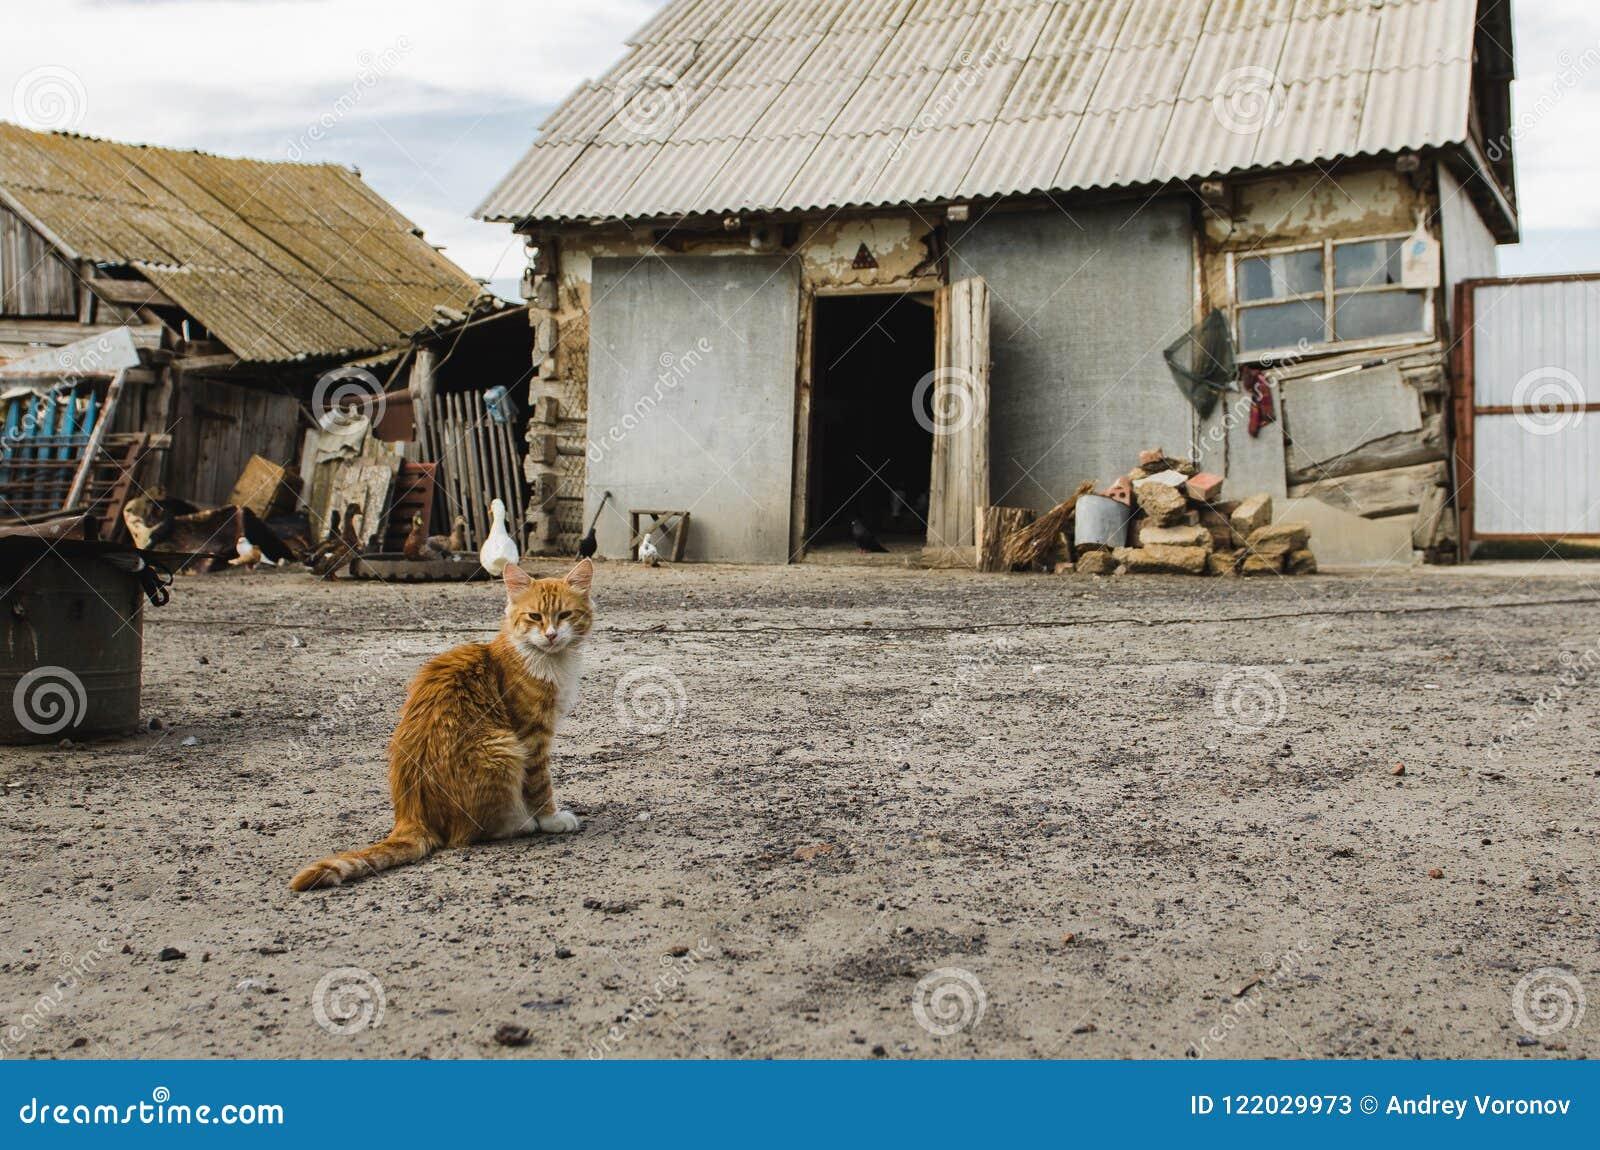 Chat rouge dans une cour de bétail dans un village avec de vieilles maisons détruites